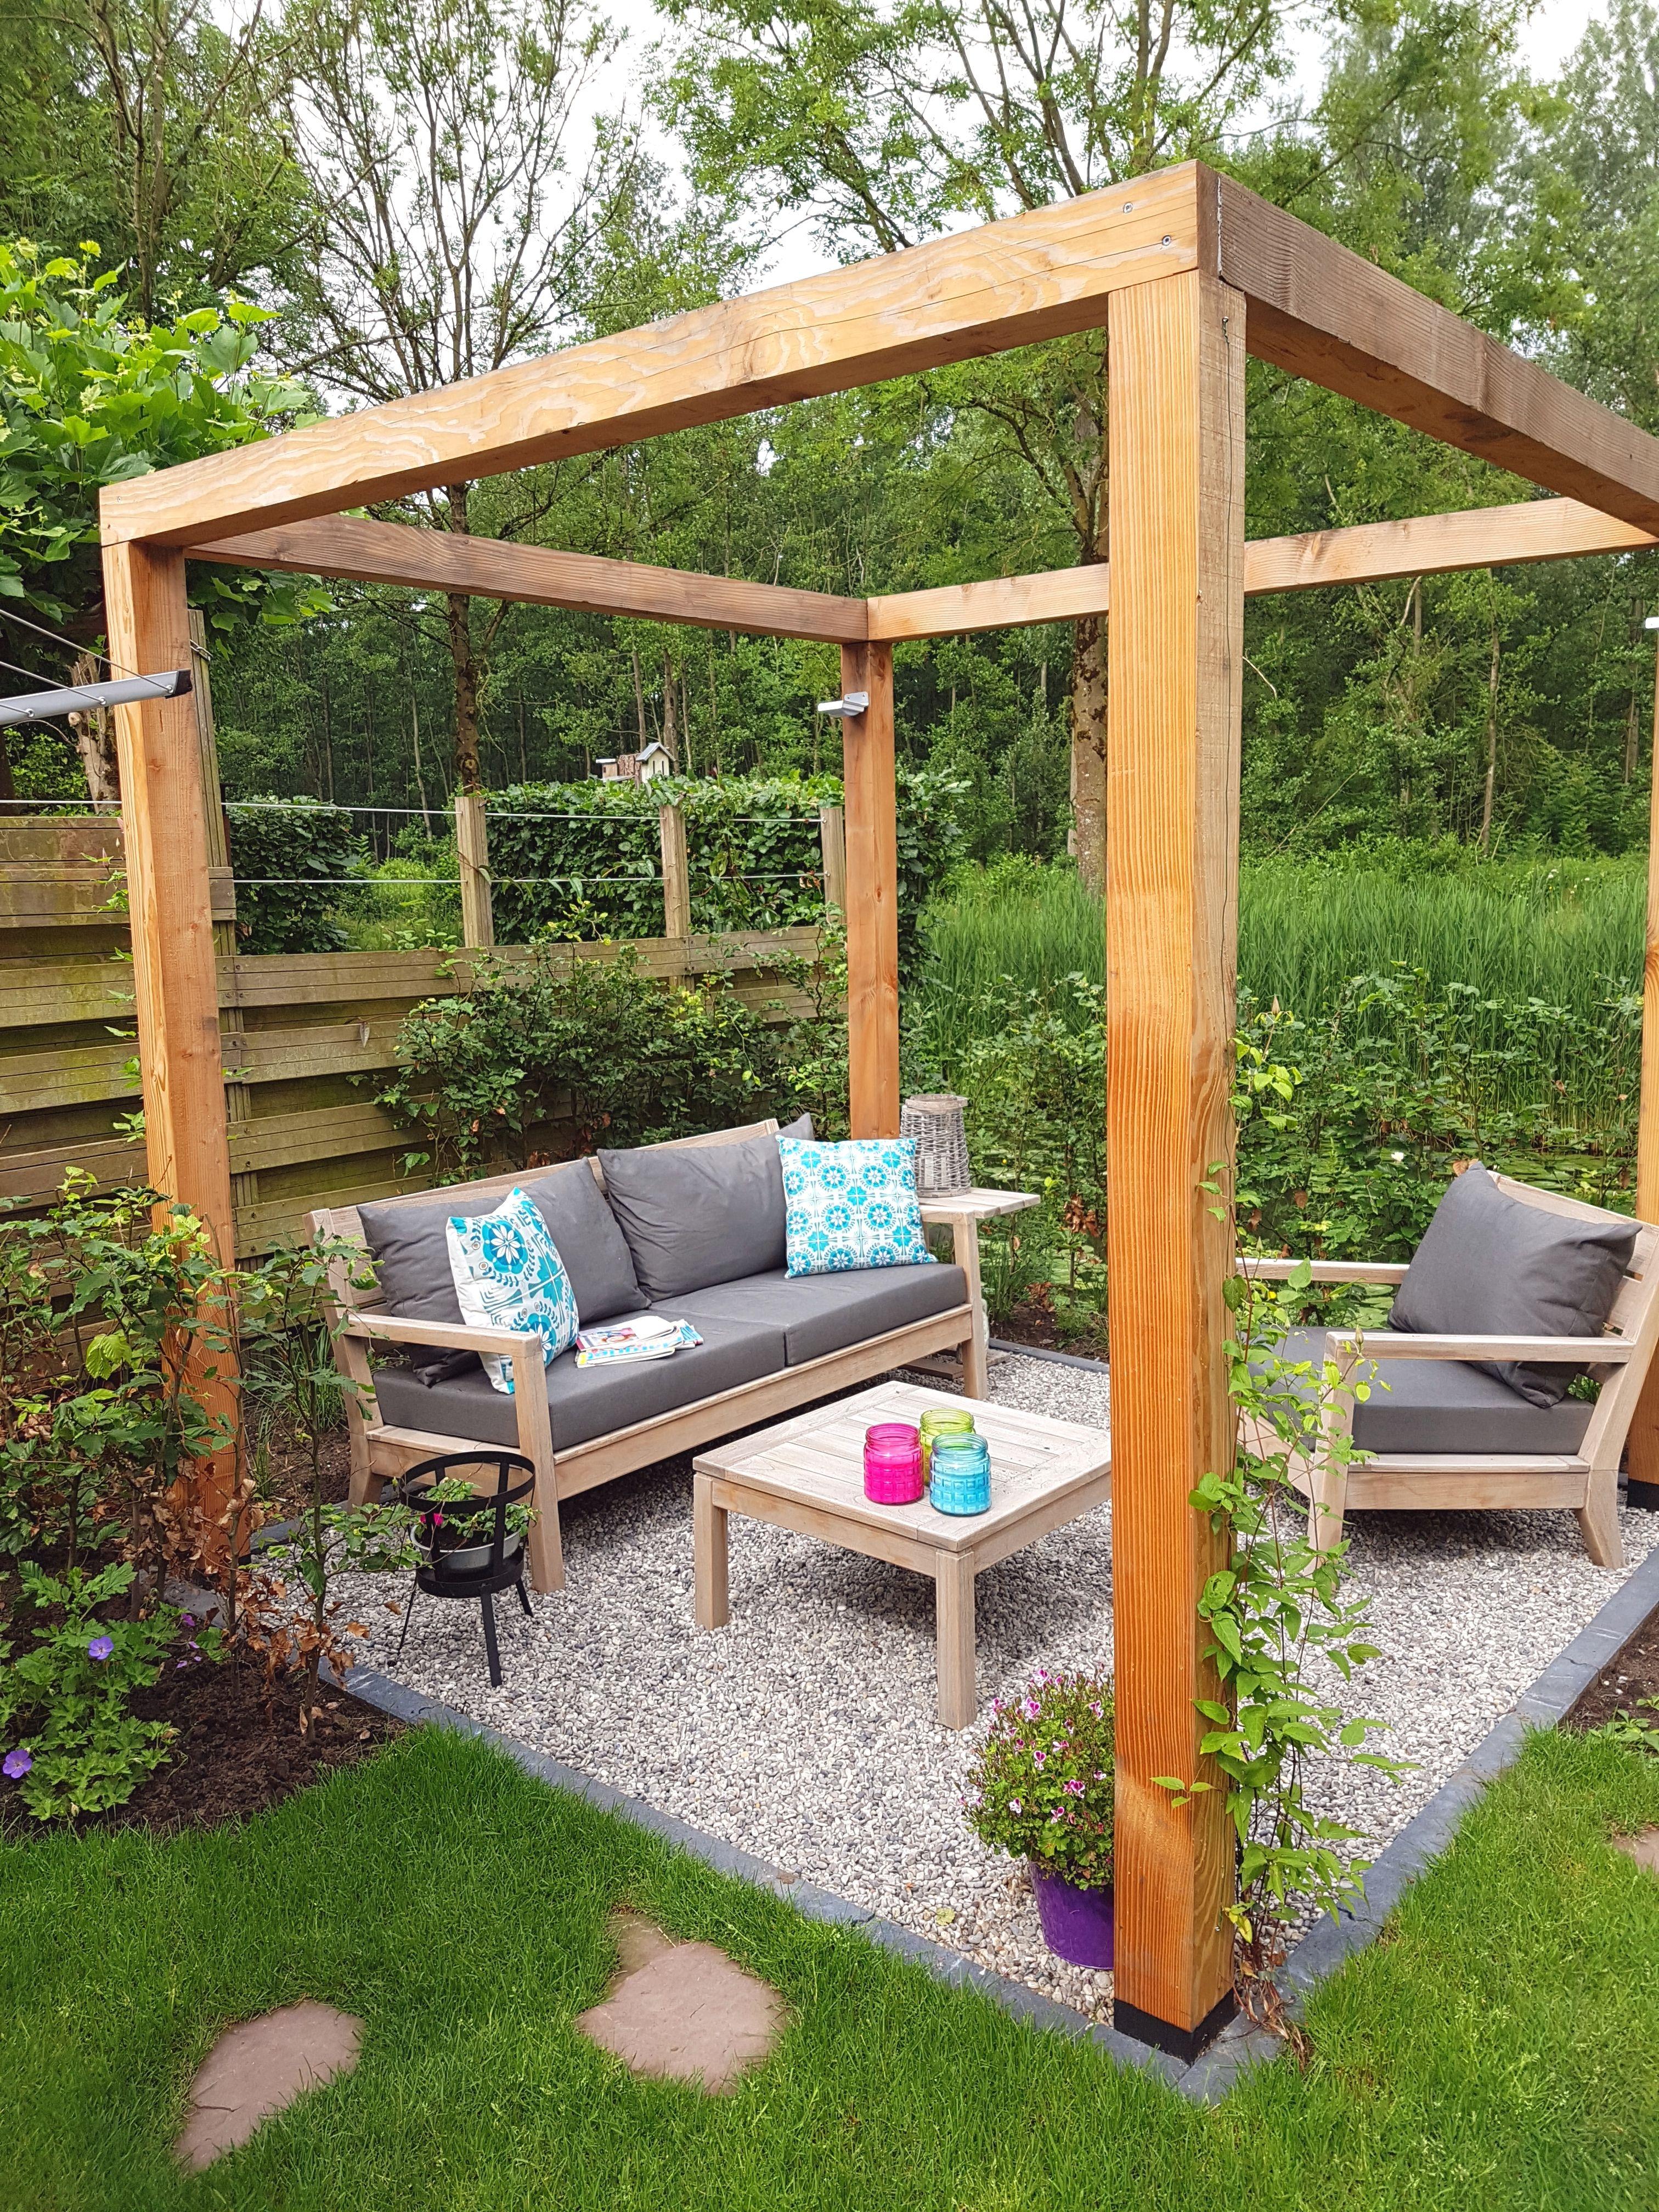 Green Garden Tuinset.Strakke Houten Tuinset Met Dikke Kussens Op Een Klein Terras Met